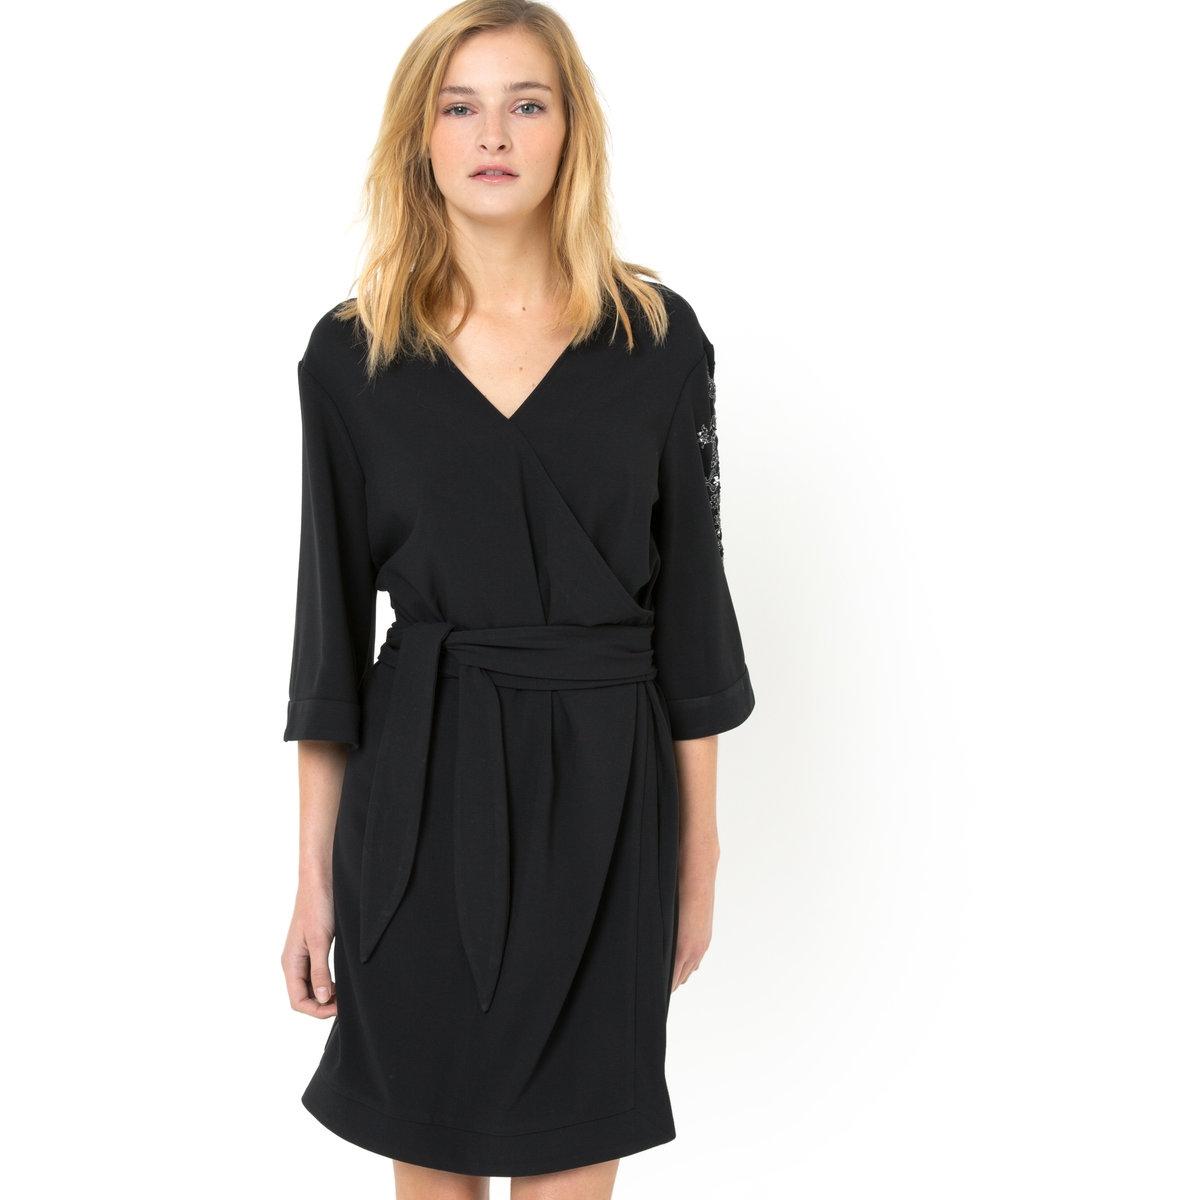 Платье-кимоно с вышивкойПлатье-кимоно с вышивкой - SOFT GREY. Платье с рукавами ?. 62% полиэстера,   33% вискозы, 5% эластана. Блестящая серебристая вышивка на левом рукаве. Пояс с завязками спереди. V-образный вырез, передние перекрещивающиеся полы. Длина 95 см.<br><br>Цвет: черный<br>Размер: 34 (FR) - 40 (RUS)